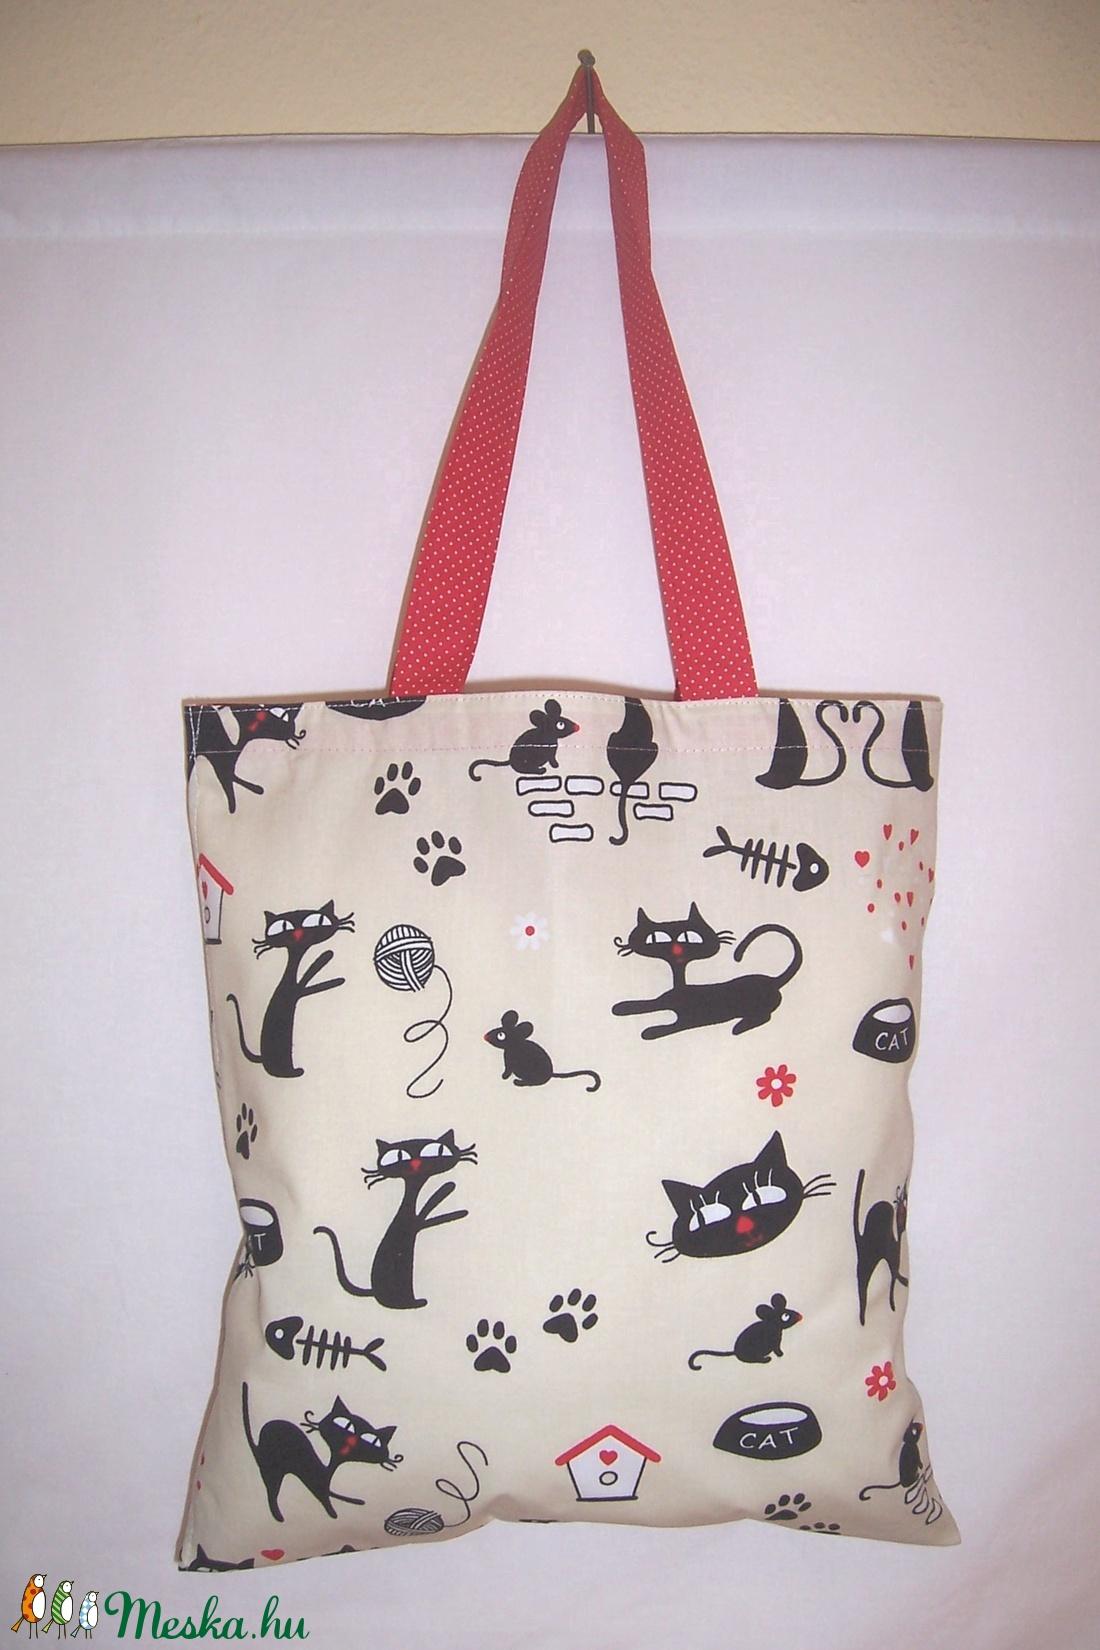 Drapp cica mintás táska  (textilcseppek) - Meska.hu